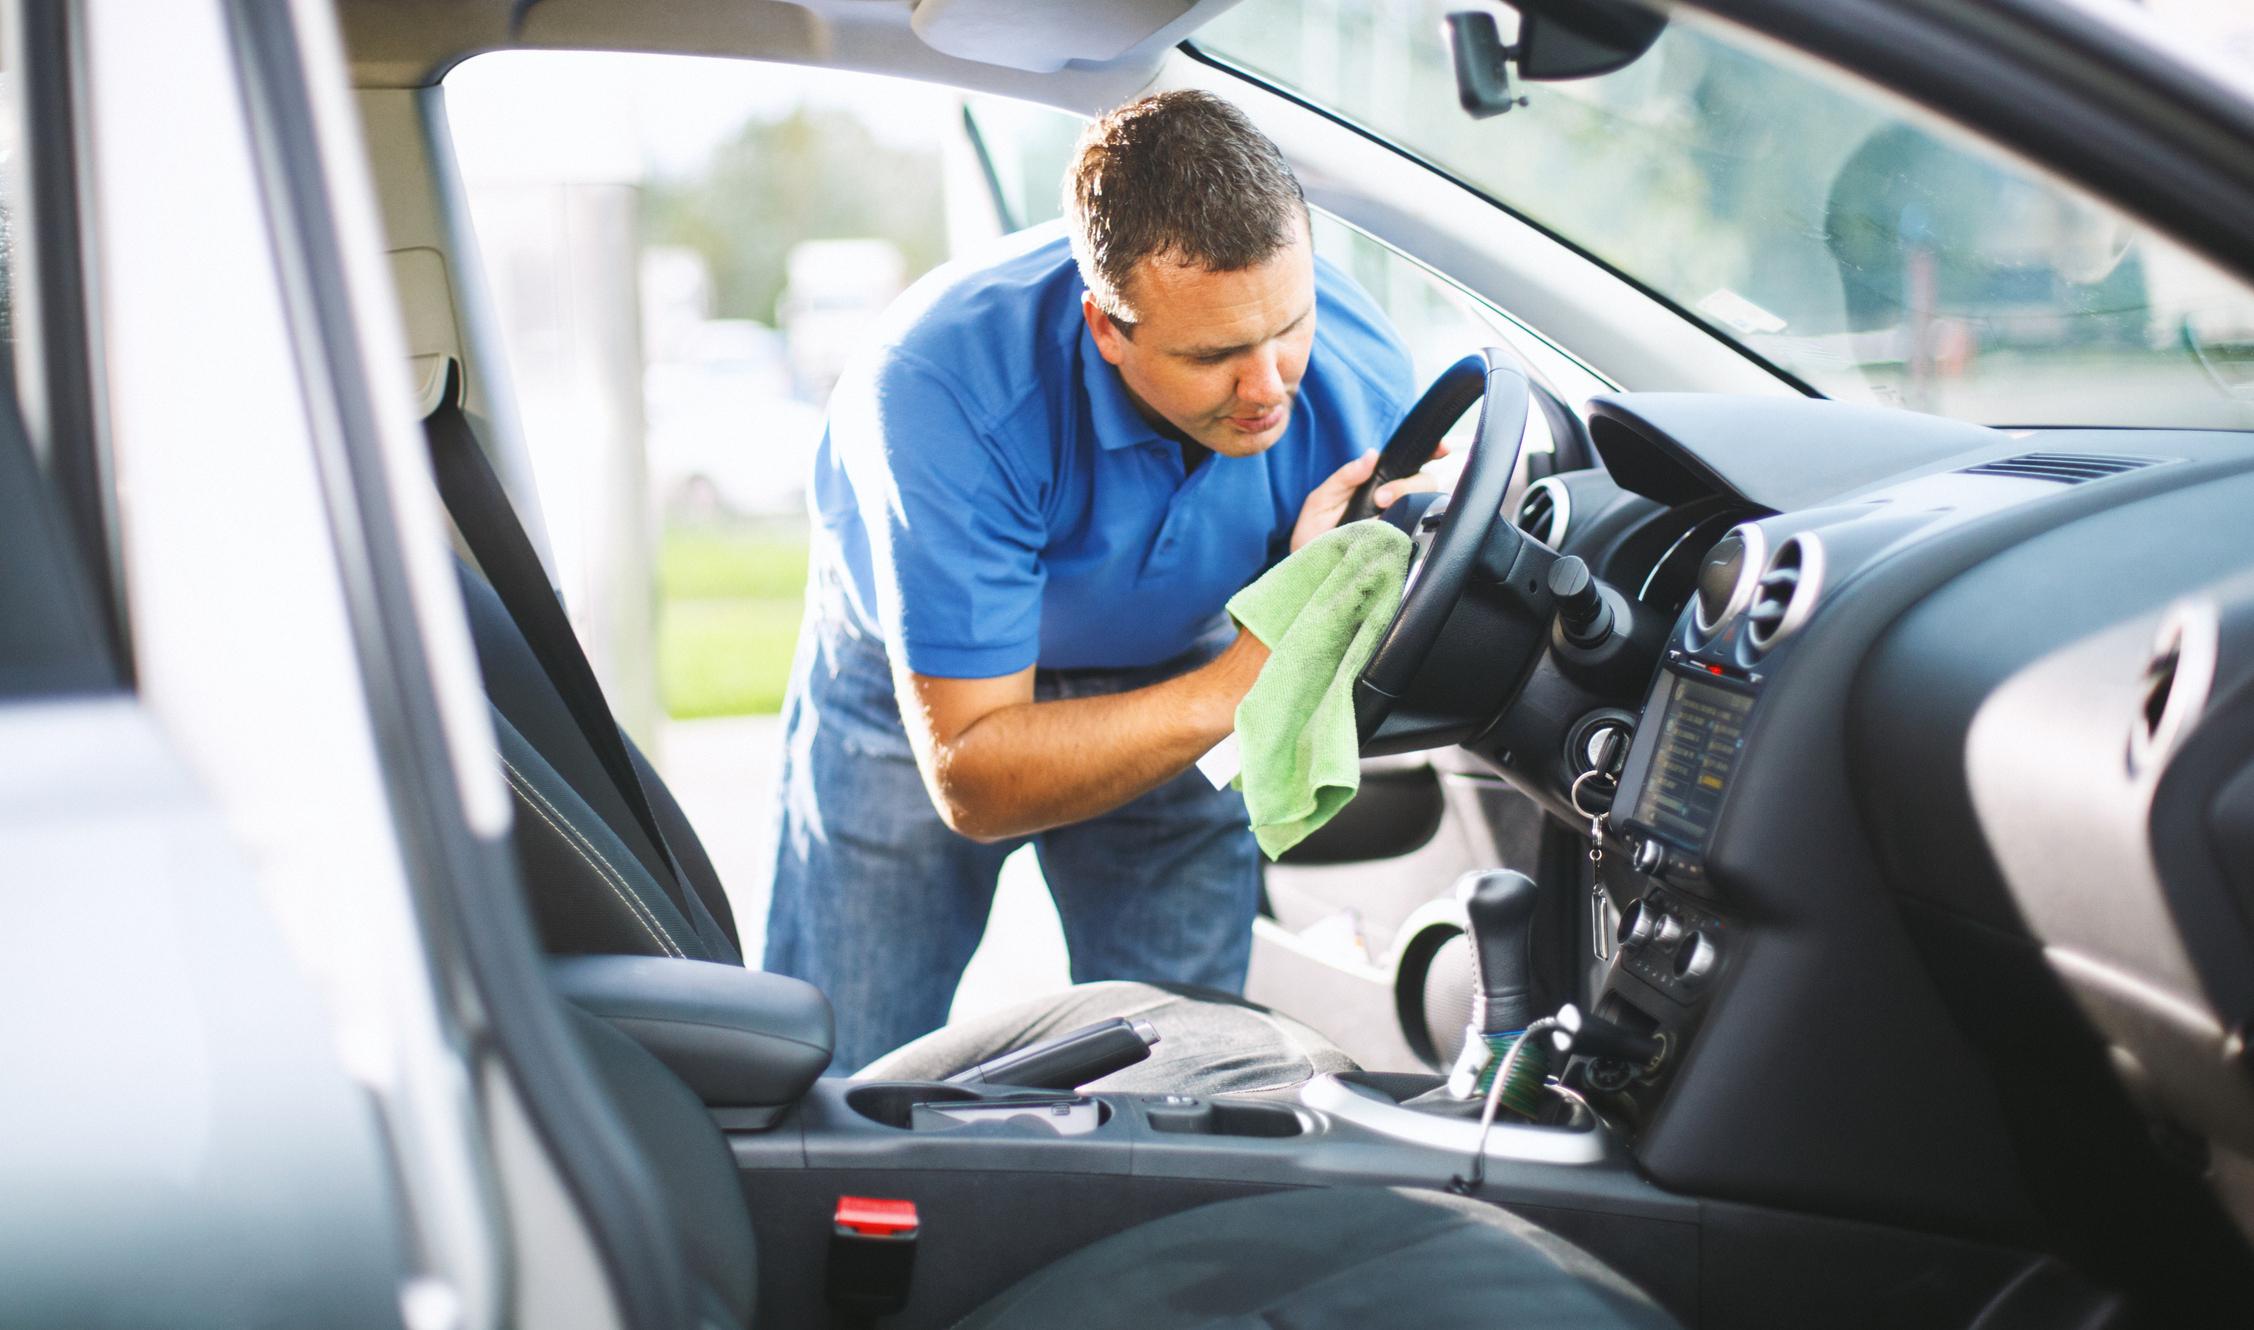 behandla skinnklädsel bil